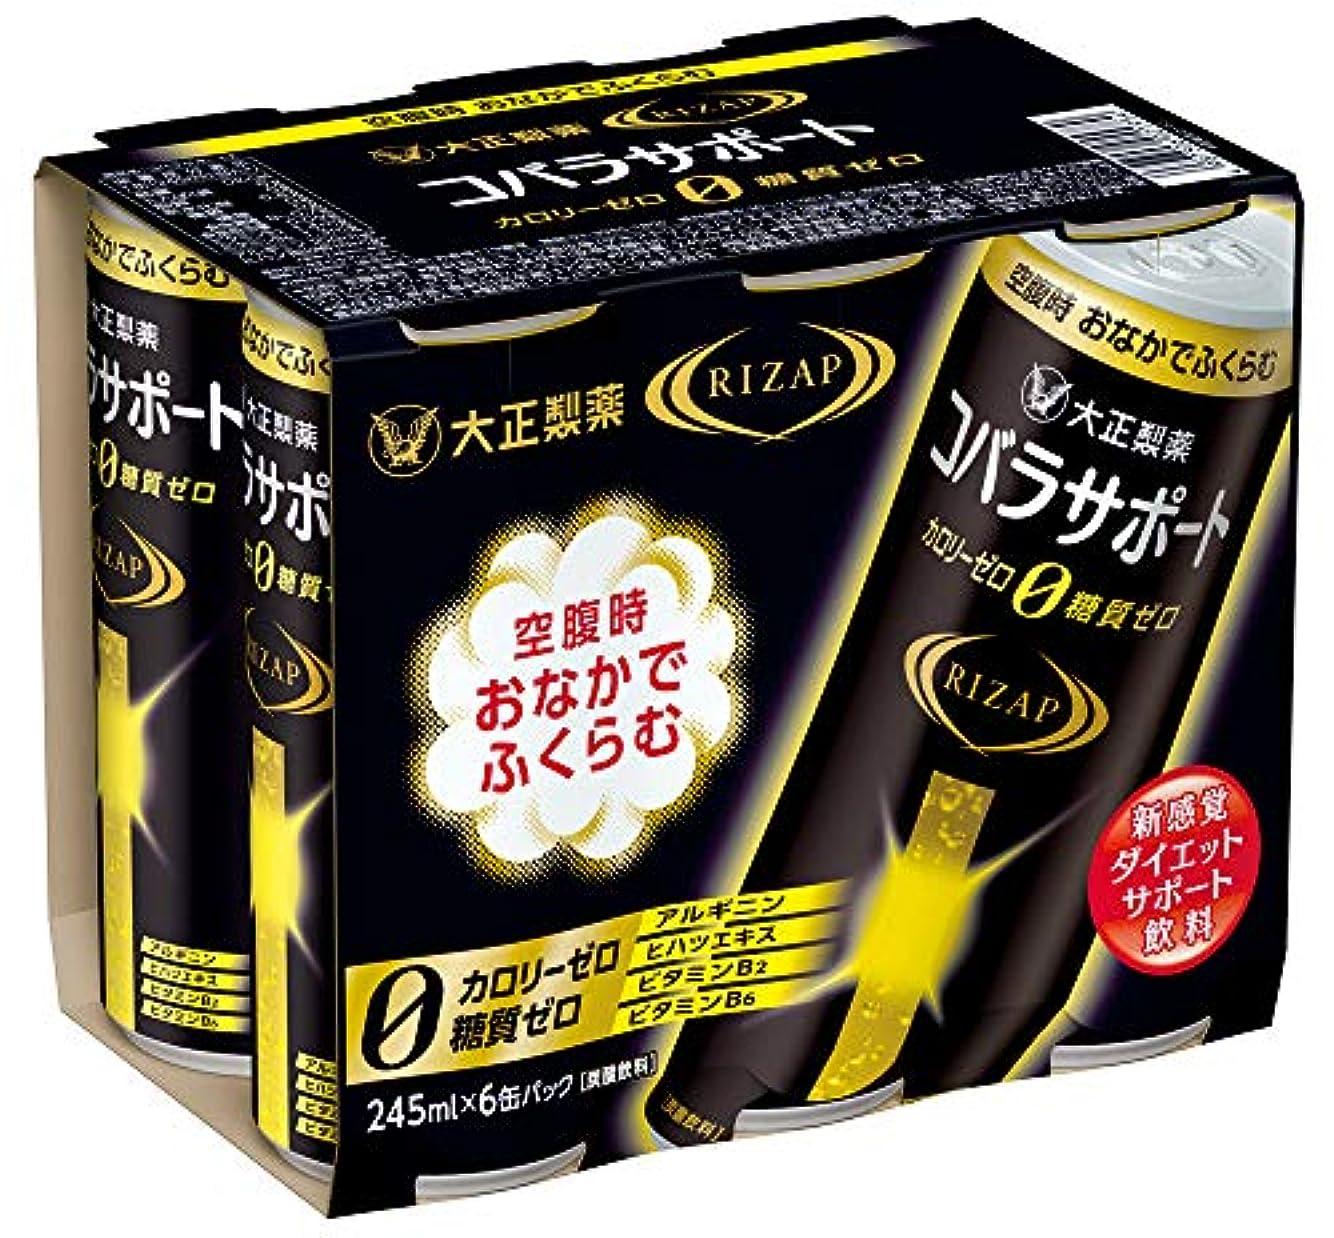 泣く孤独な愛人コバラサポートR 30本セット【期間限定】【ライザップコラボ品】